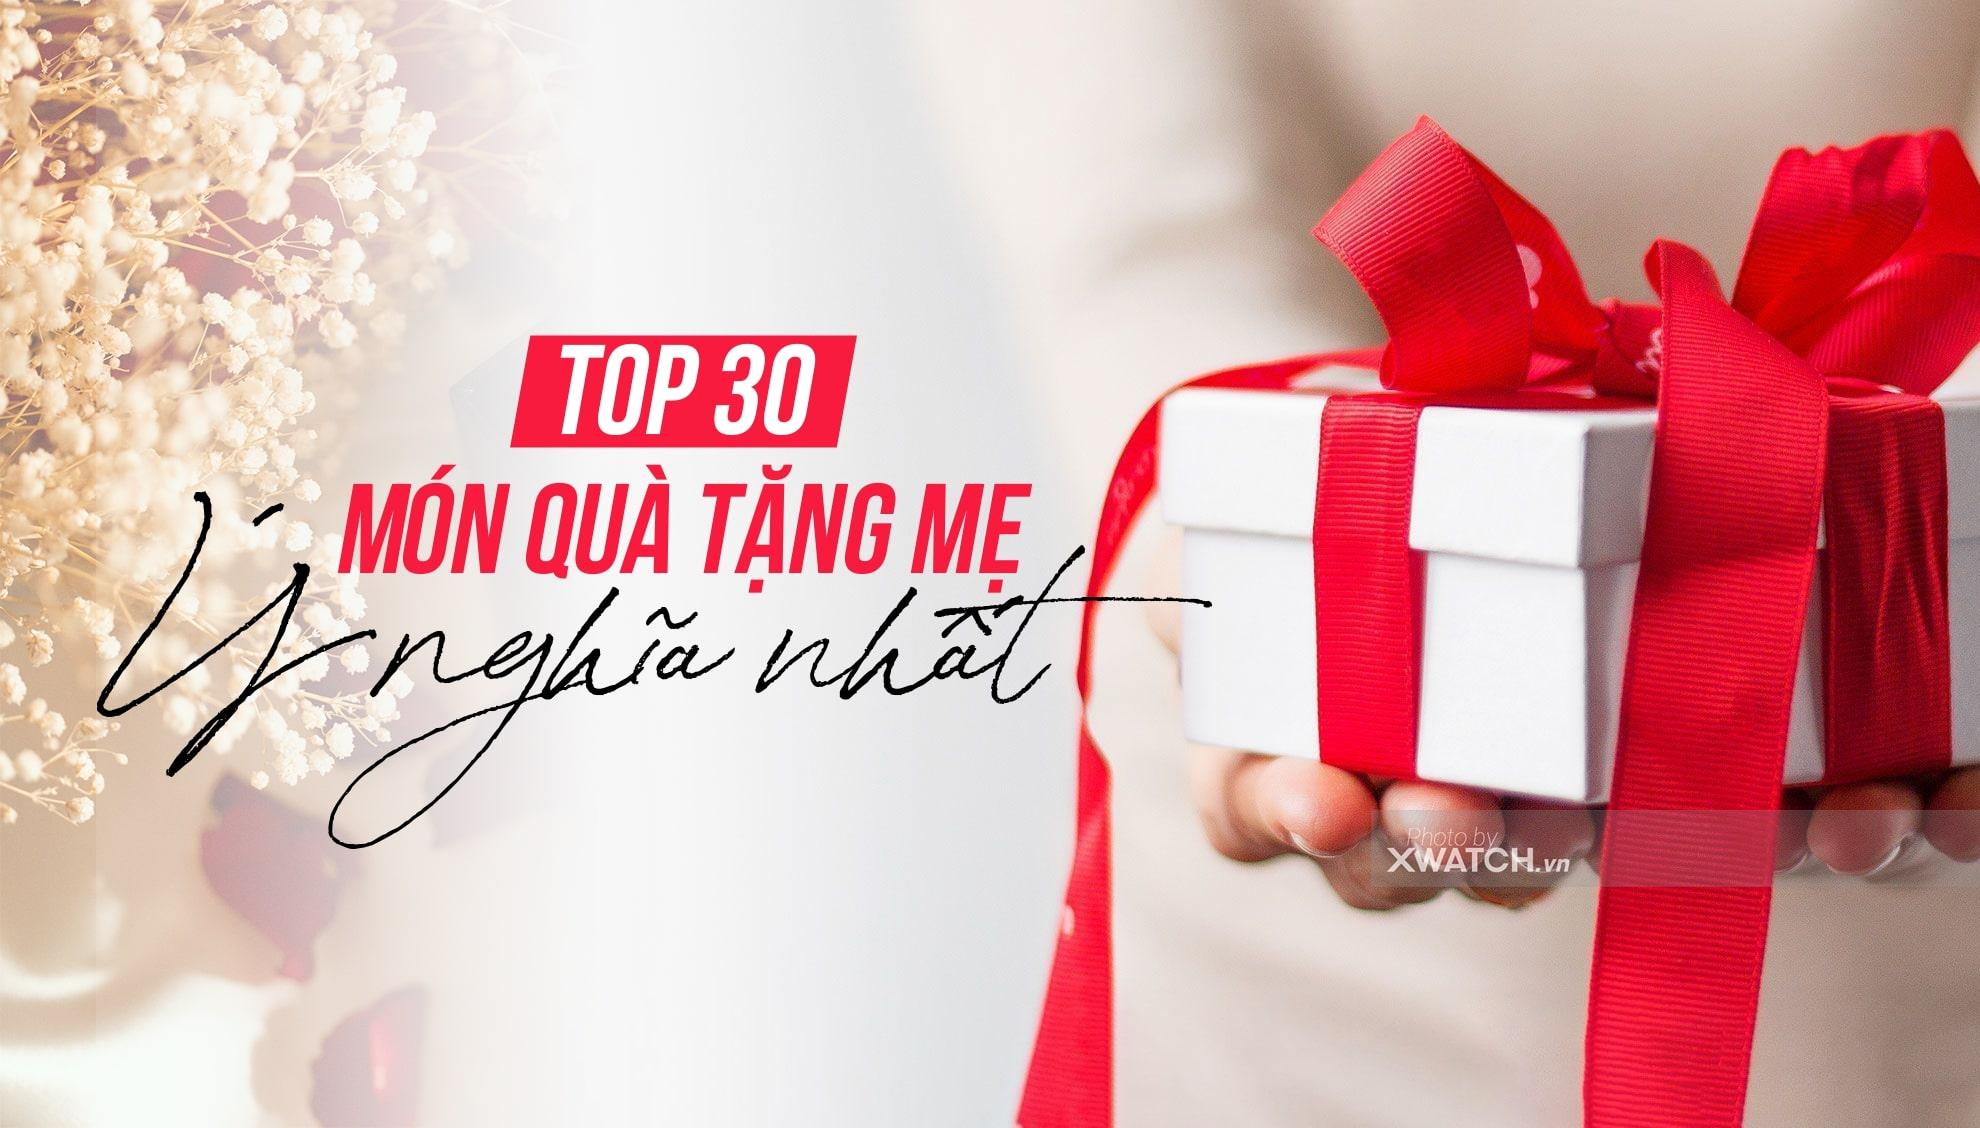 Bật mí TOP 30 món quà tặng mẹ ý nghĩa nhất